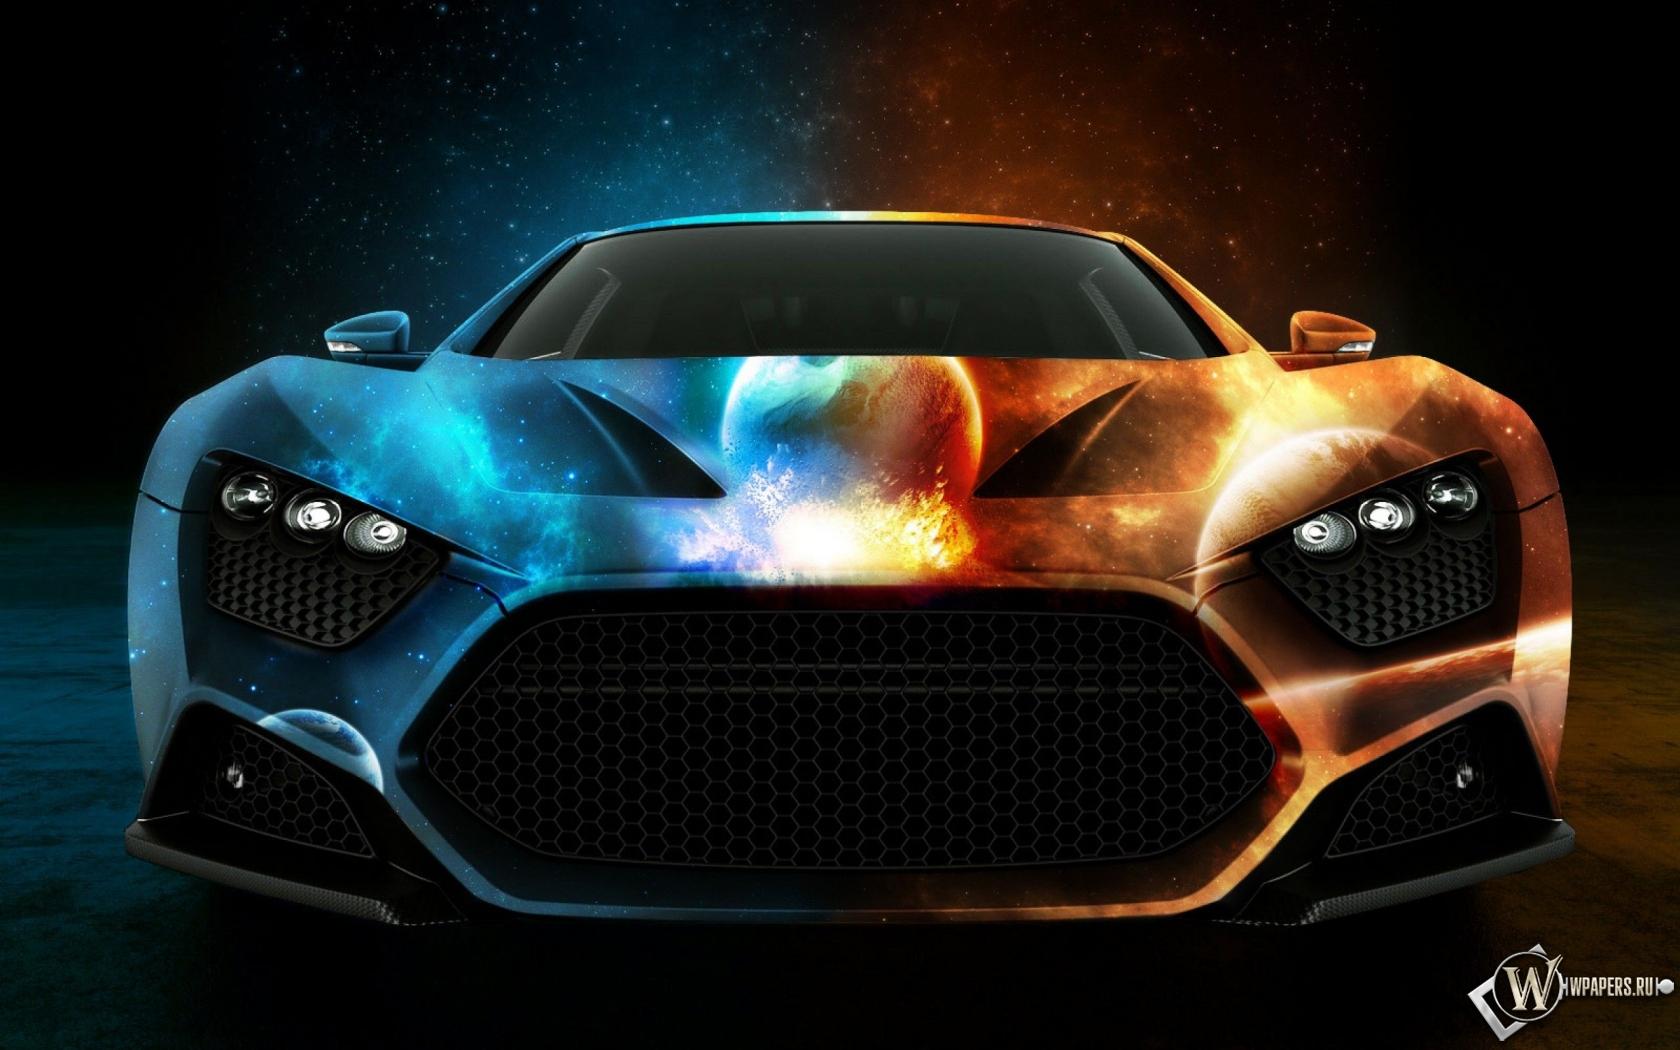 Машина двух миров 1680x1050